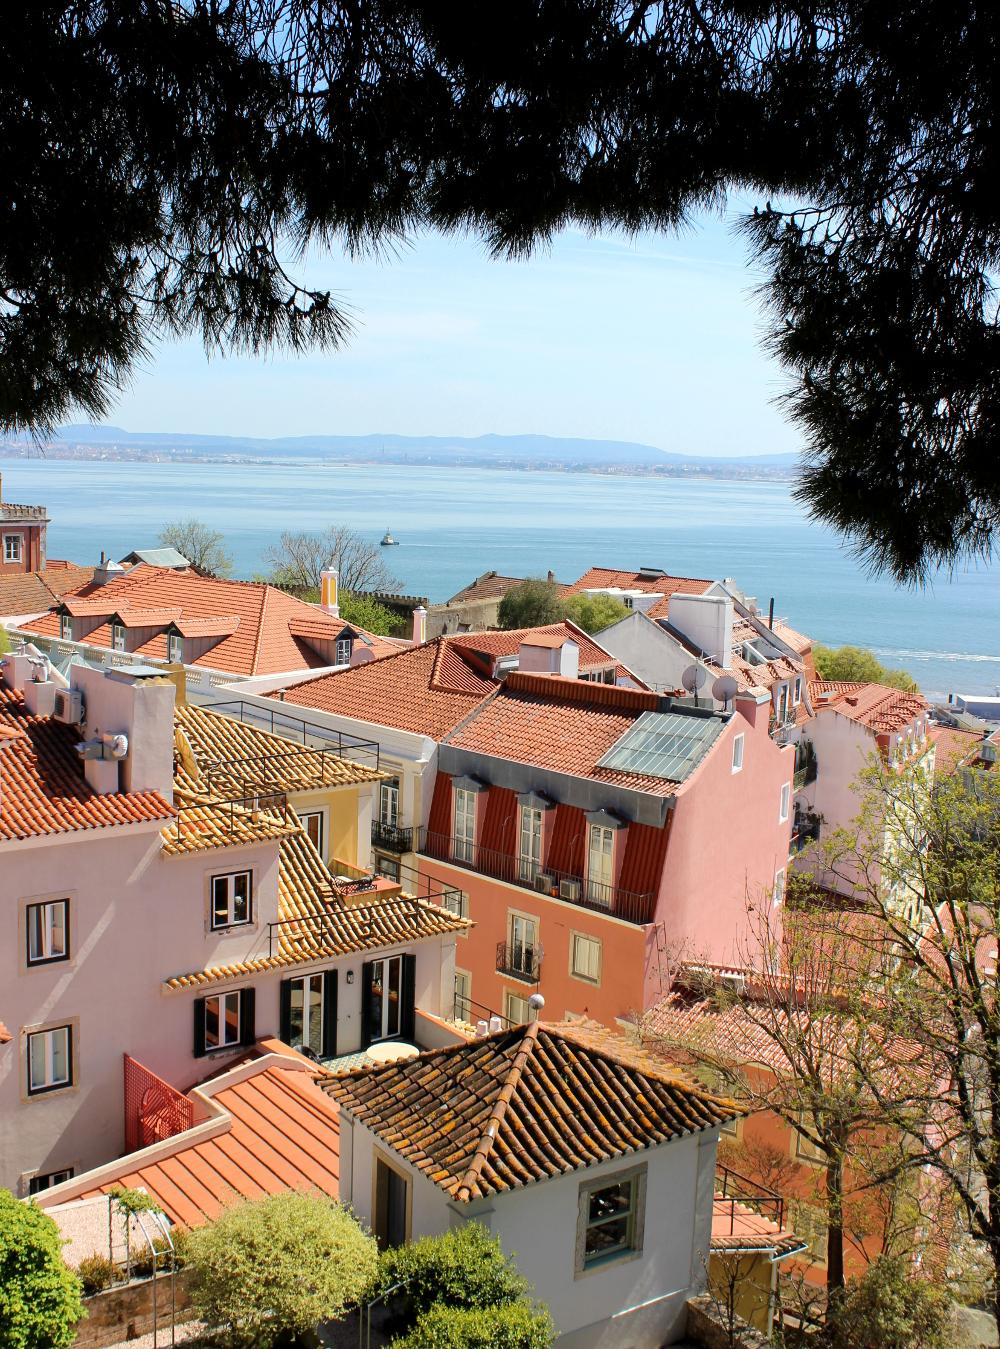 Castelo de Sao Jorge Lissabon Lisbon View Castle Schloss